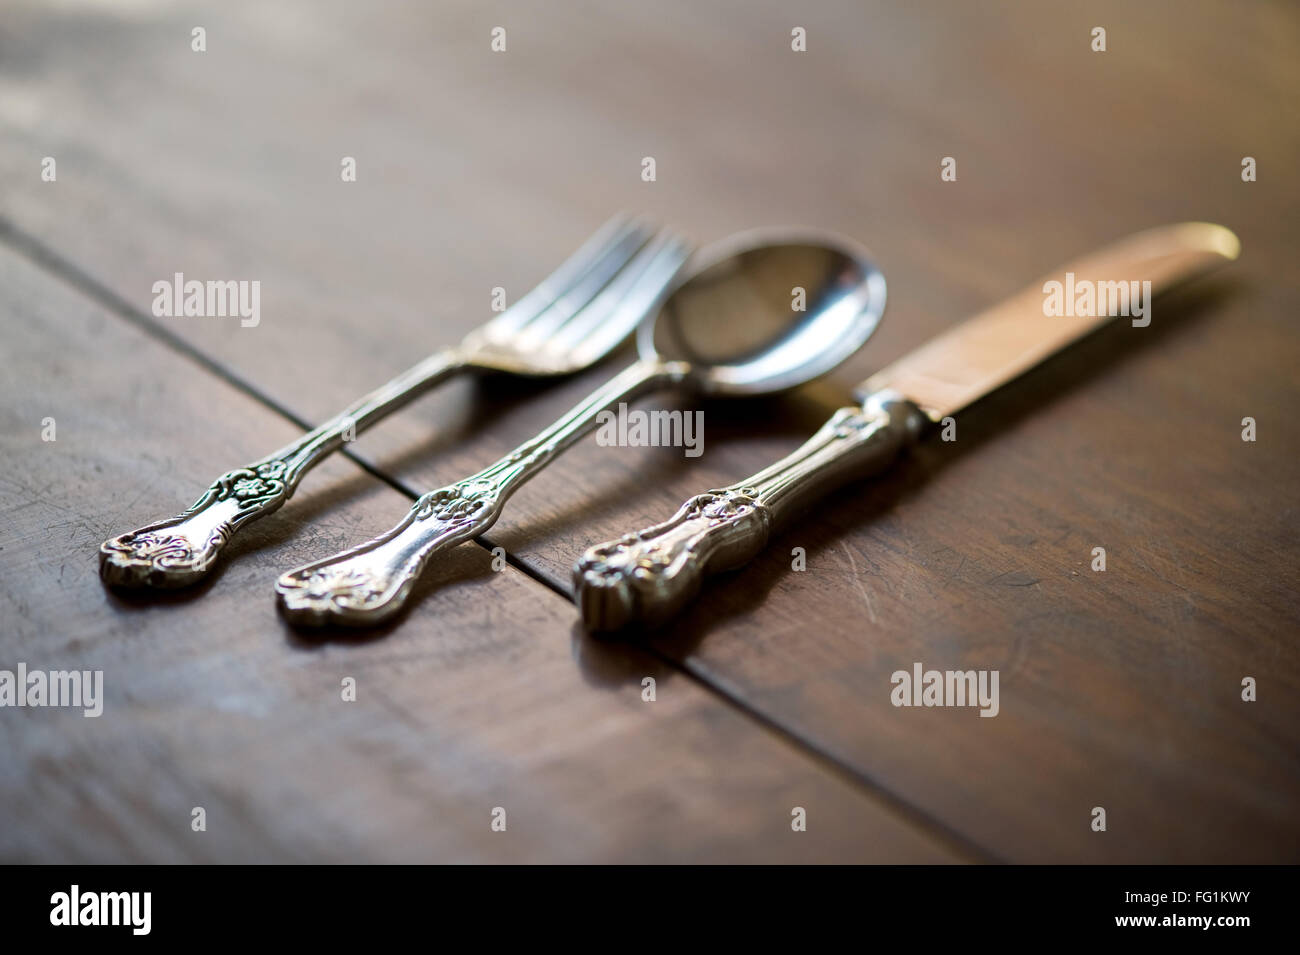 Besteck am Tisch; Indien Stockbild